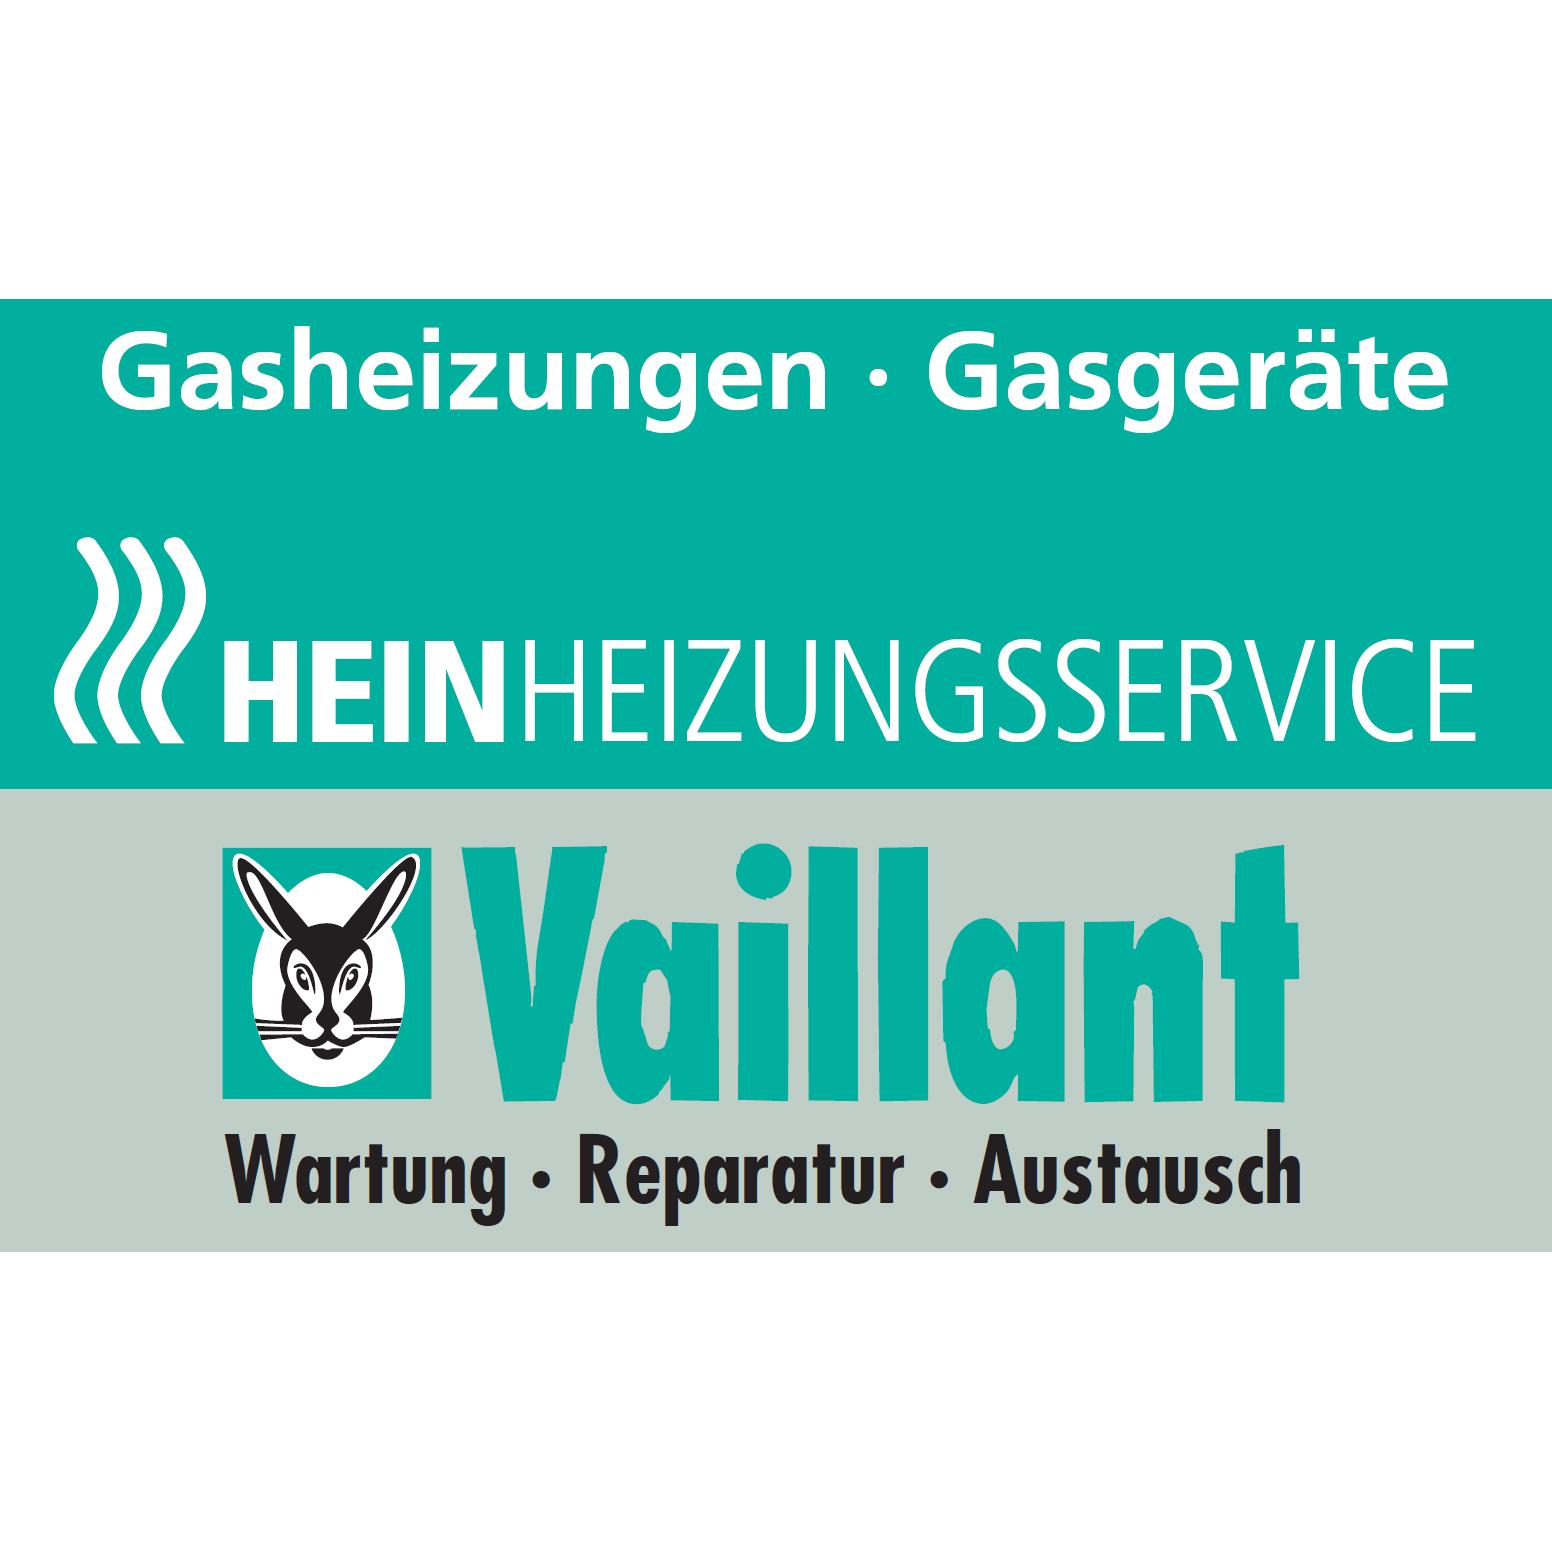 Bild zu Hein Heizungsservice - Wartung, Reparatur, Austausch in Fürth in Bayern